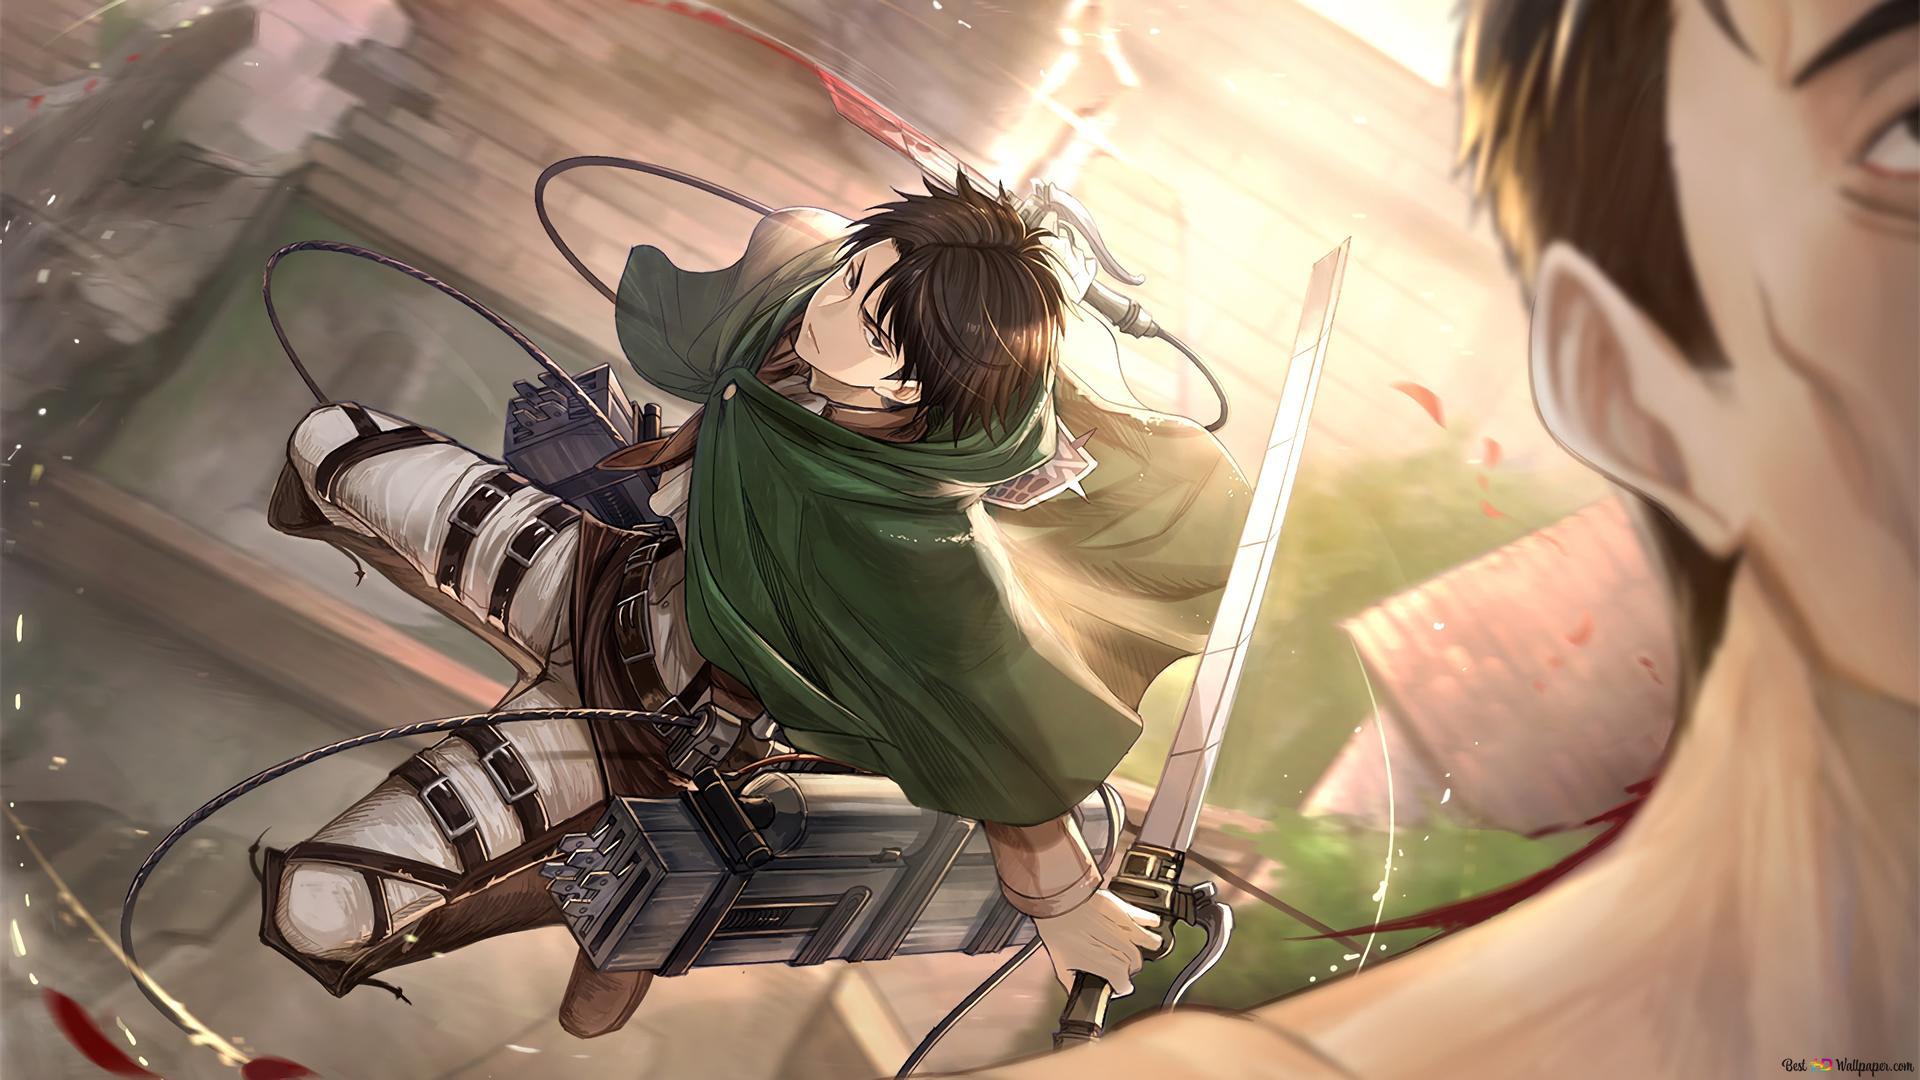 Attack On Titan Levi Ackerman For The Kill Hd Wallpaper Download